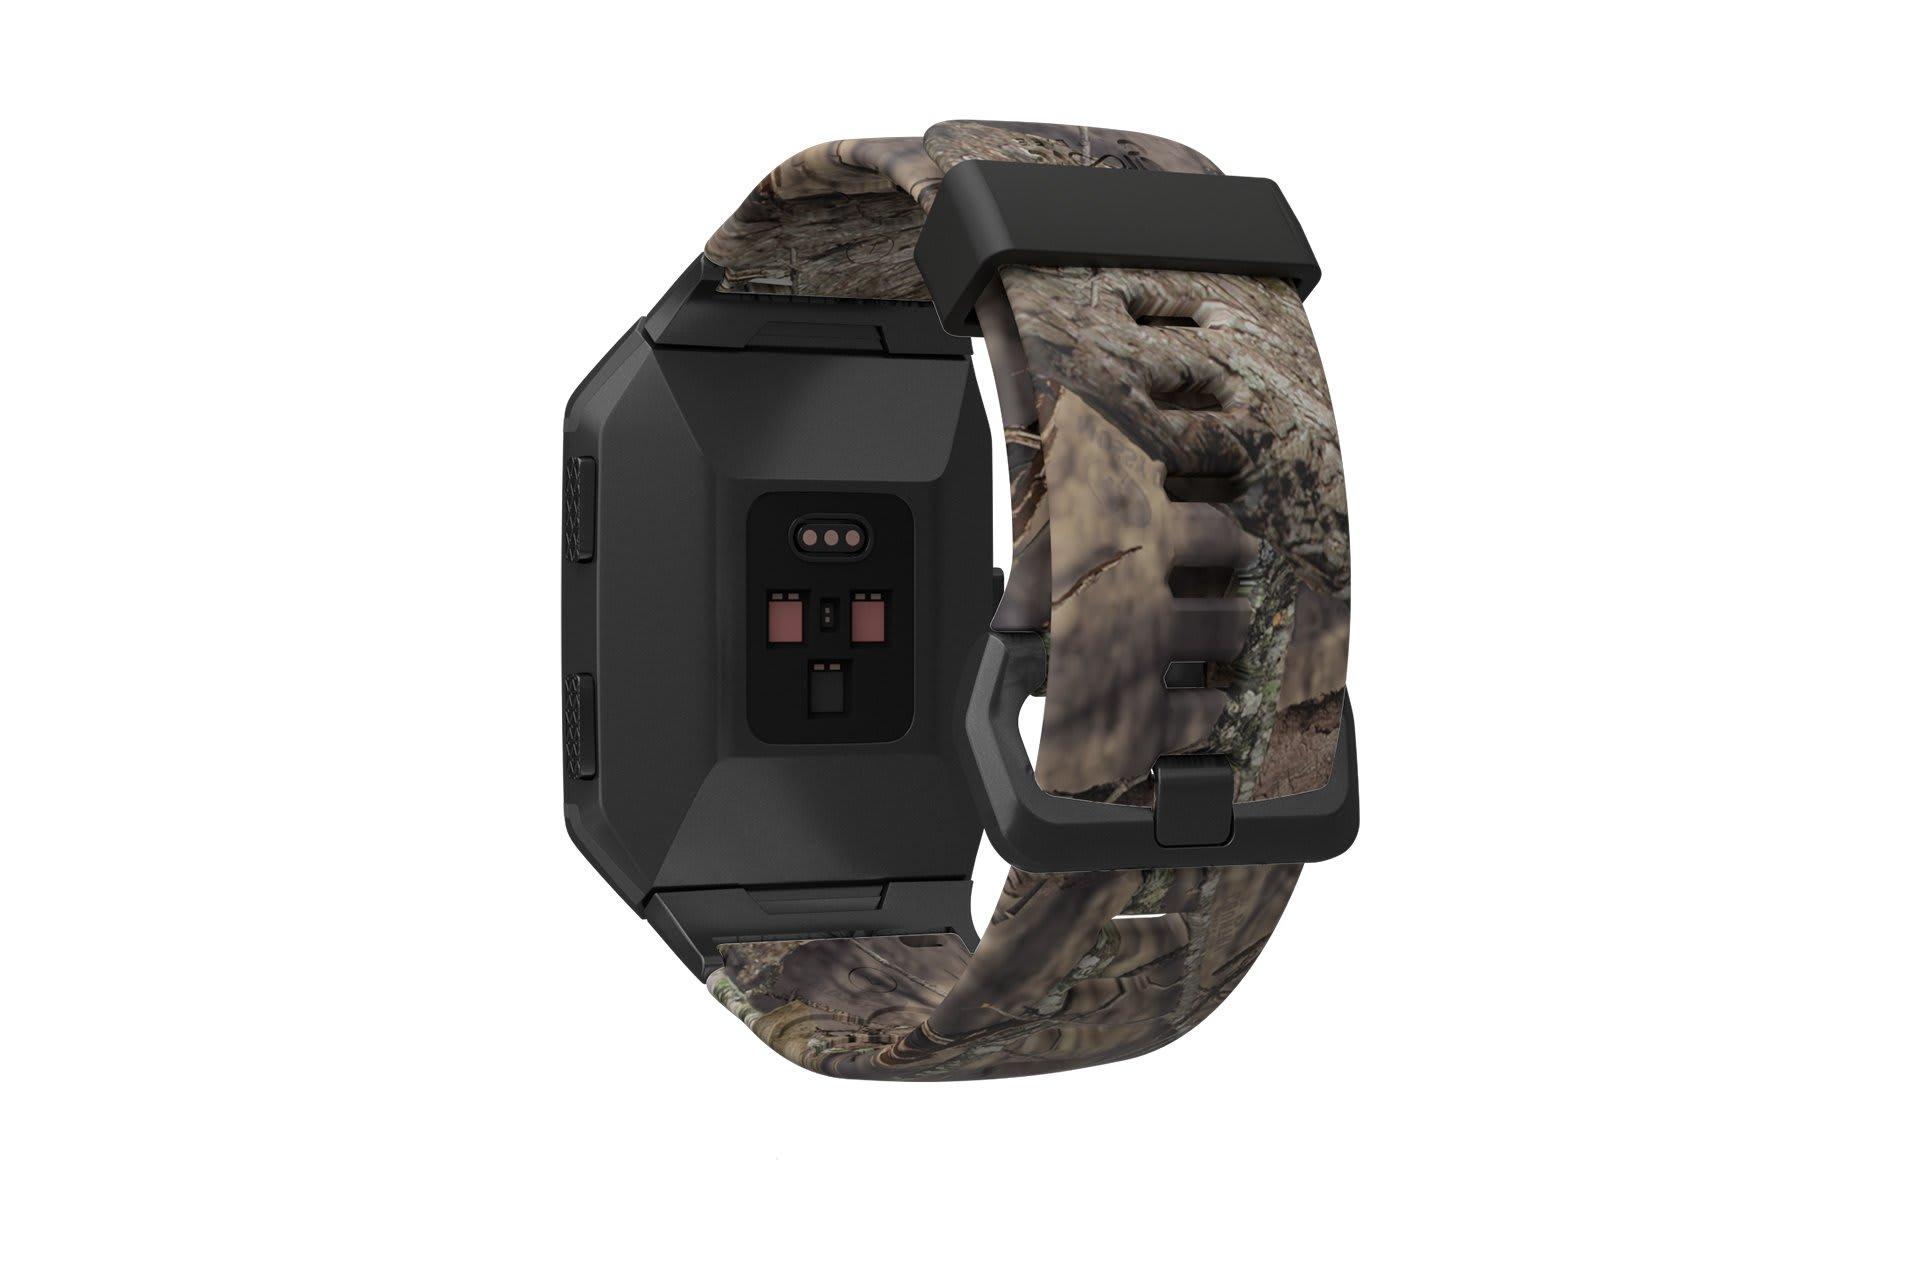 Mossy Oak Breakup Fitbit Ionic watch band viewed from rear